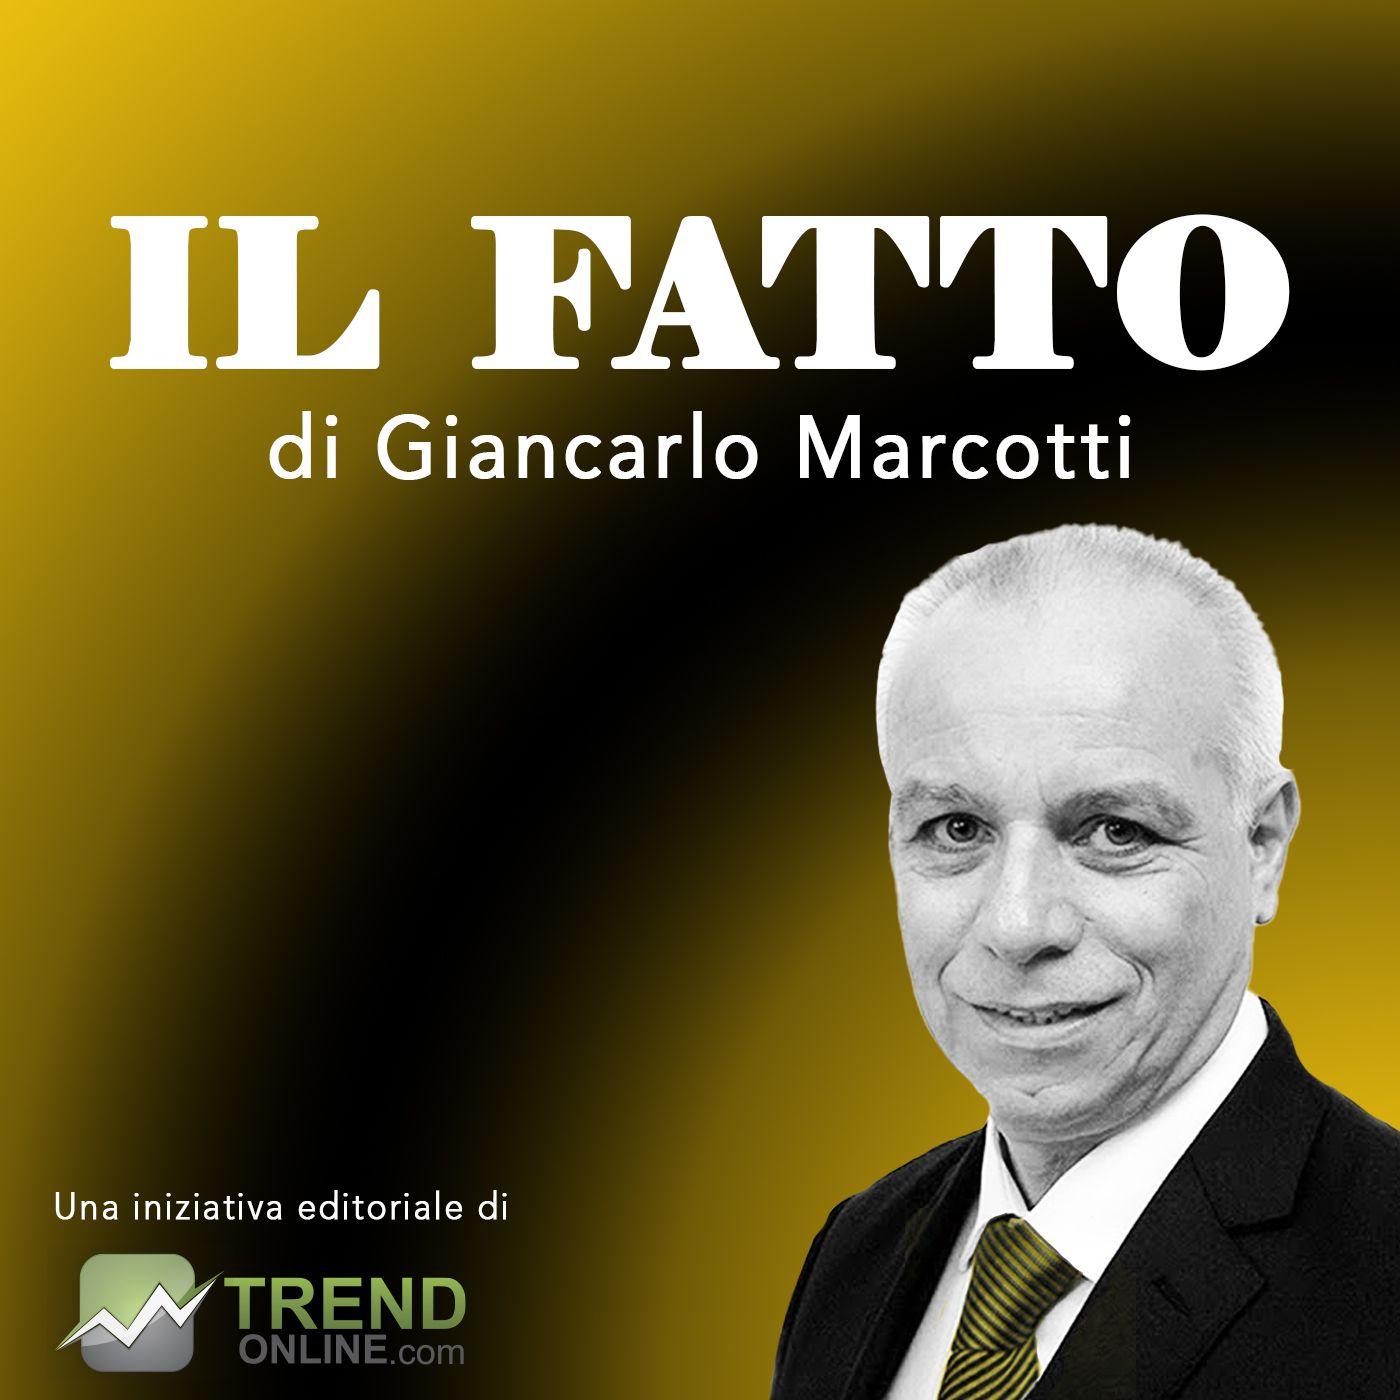 Il Fatto di Giancarlo Marcotti